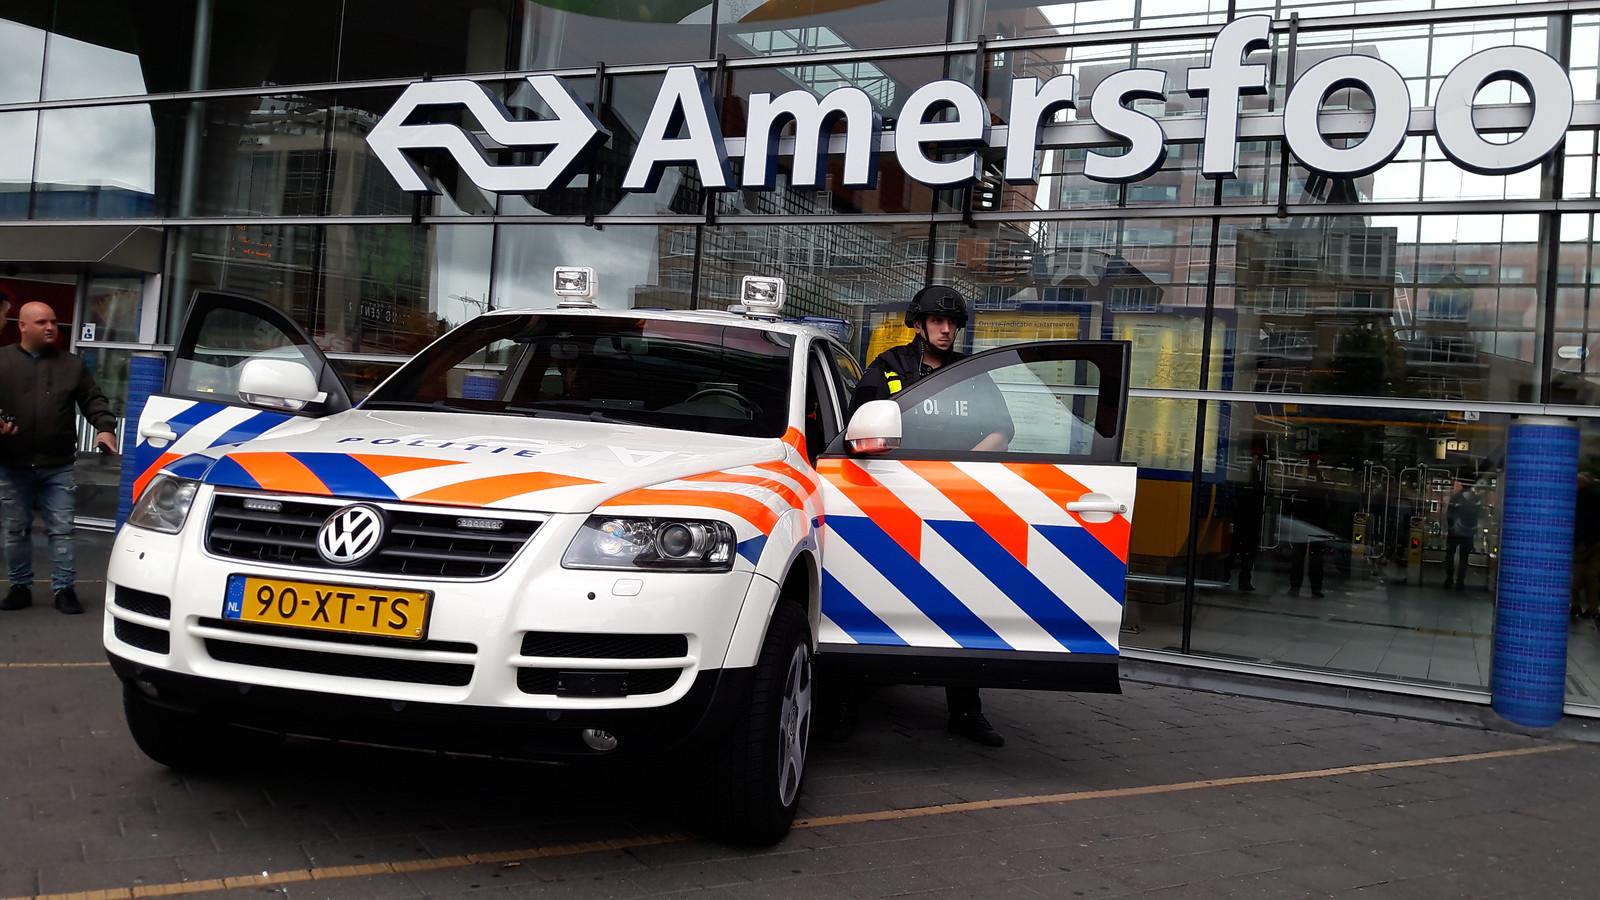 Een antiterreuroefening van de politie op station Amersfoort.